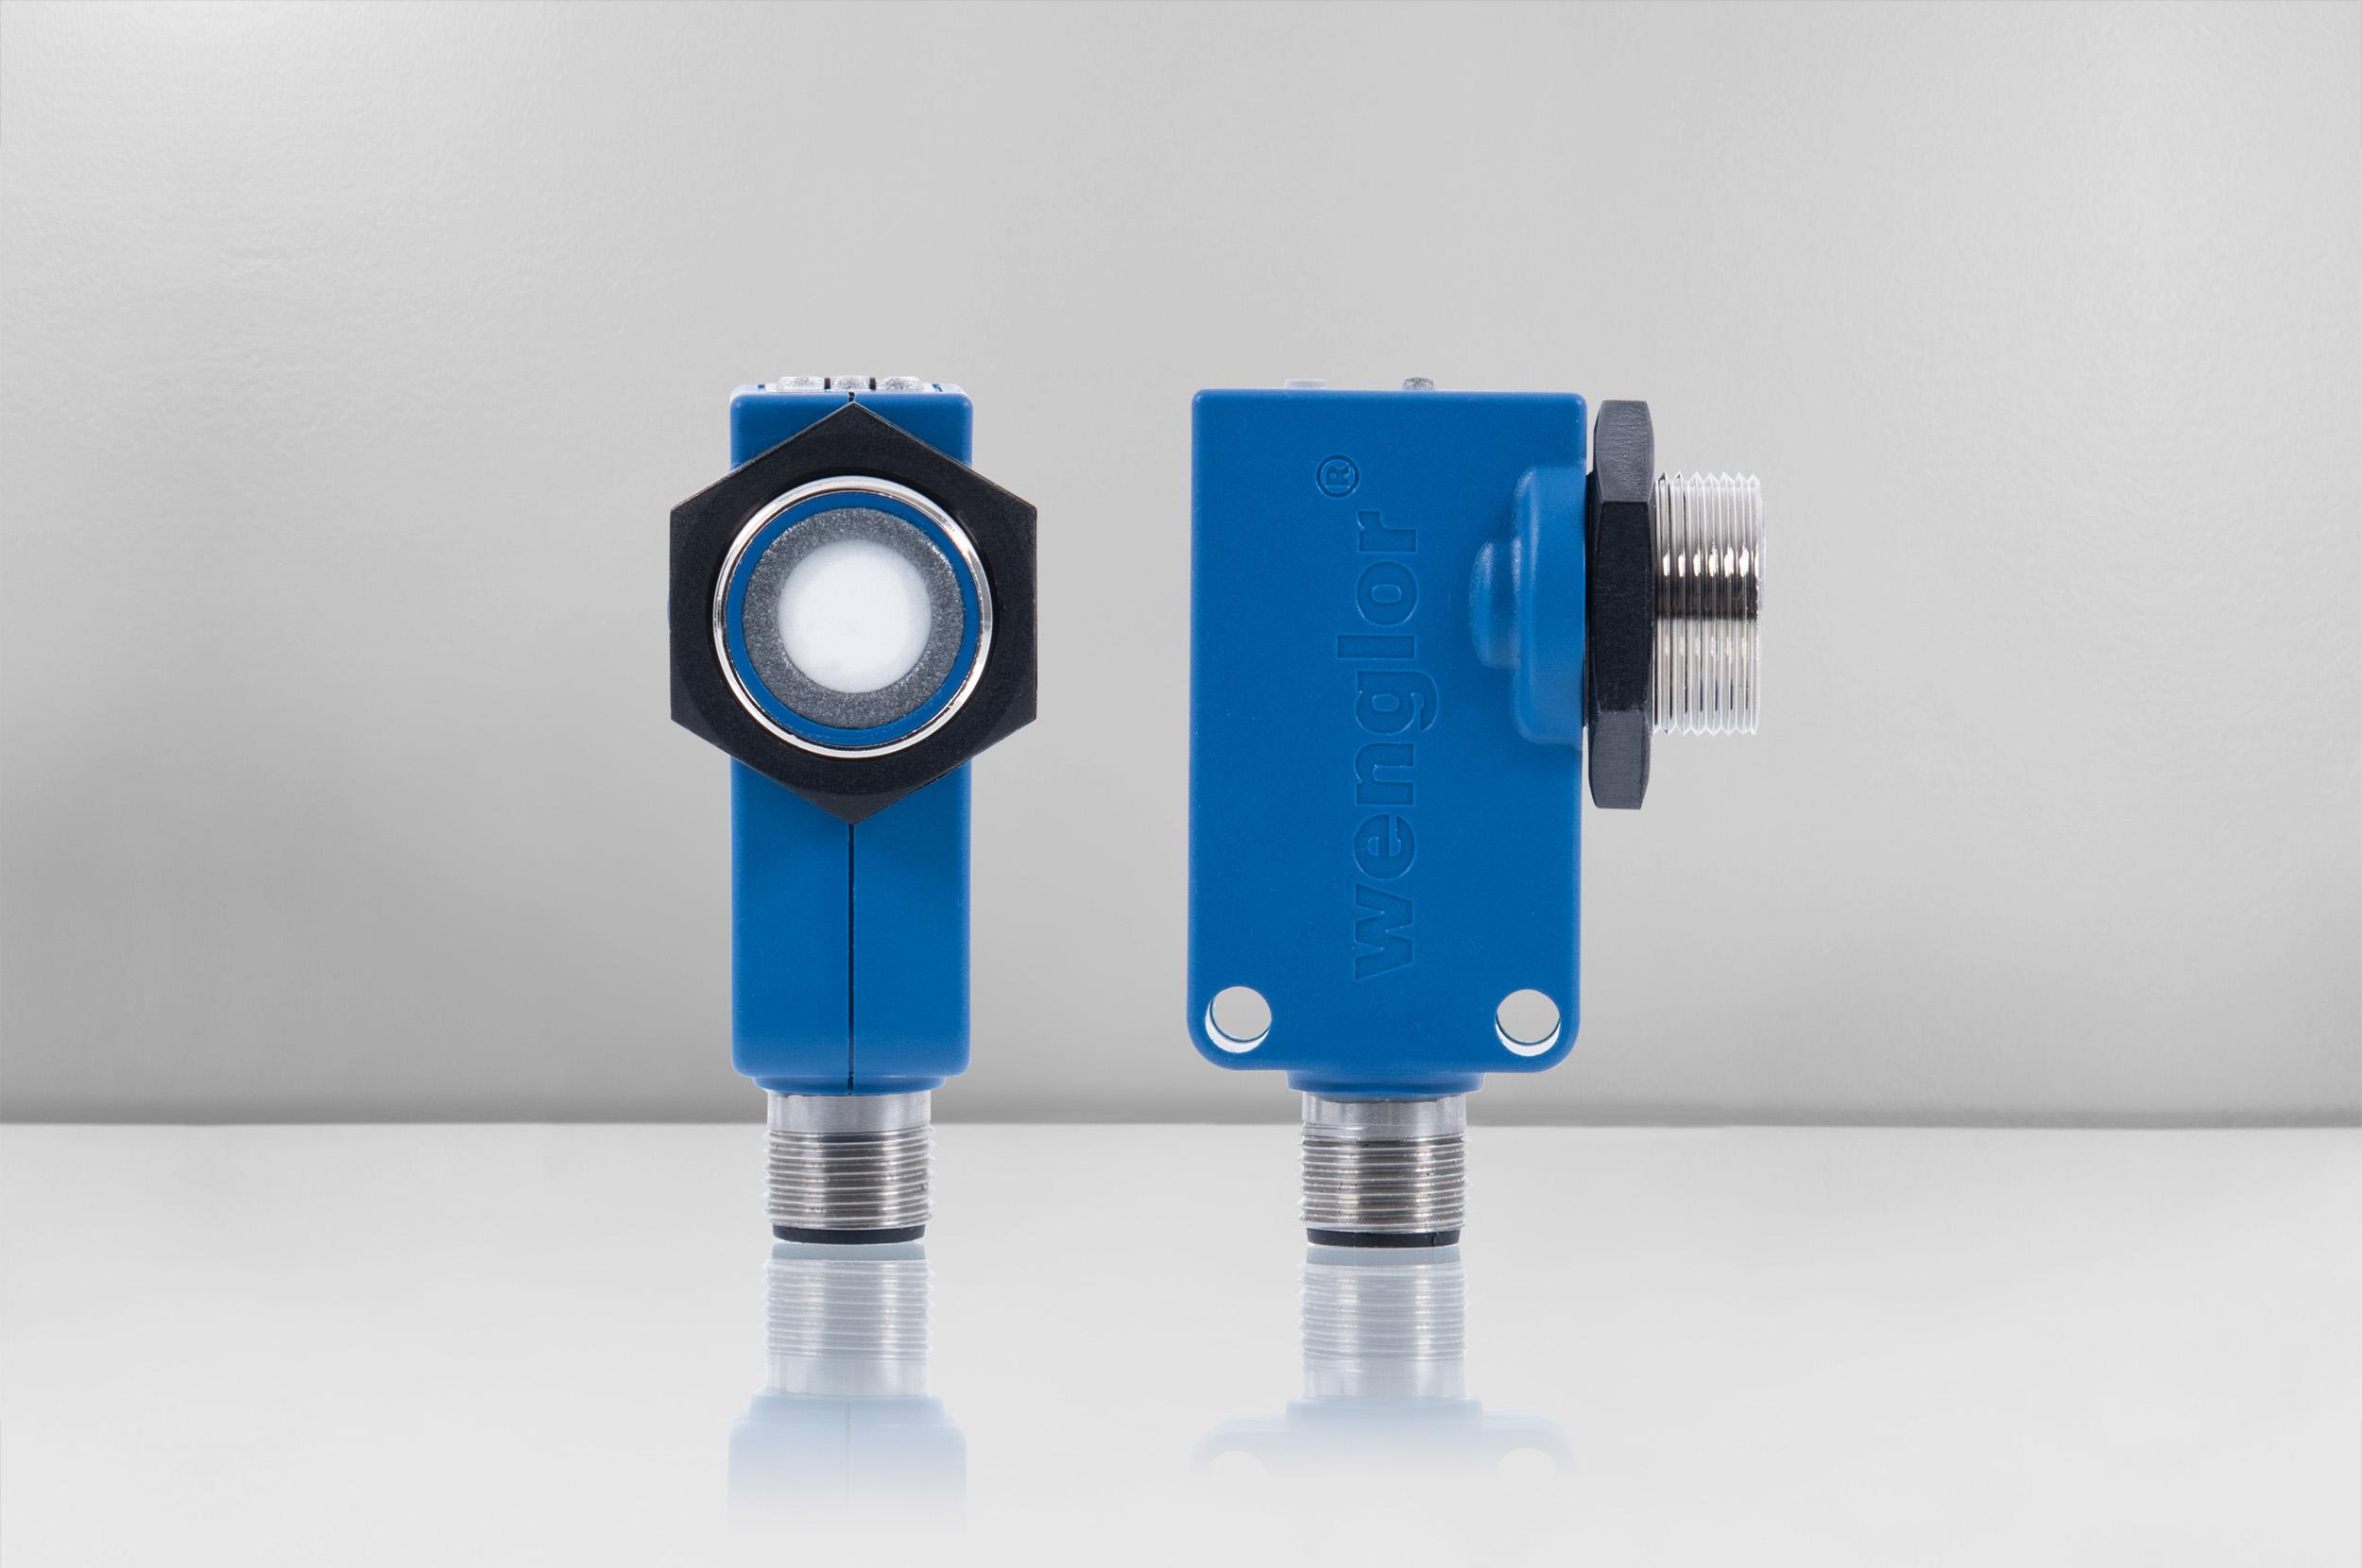 Ultraschall-Distanzsensor mit NFC und IO-Link